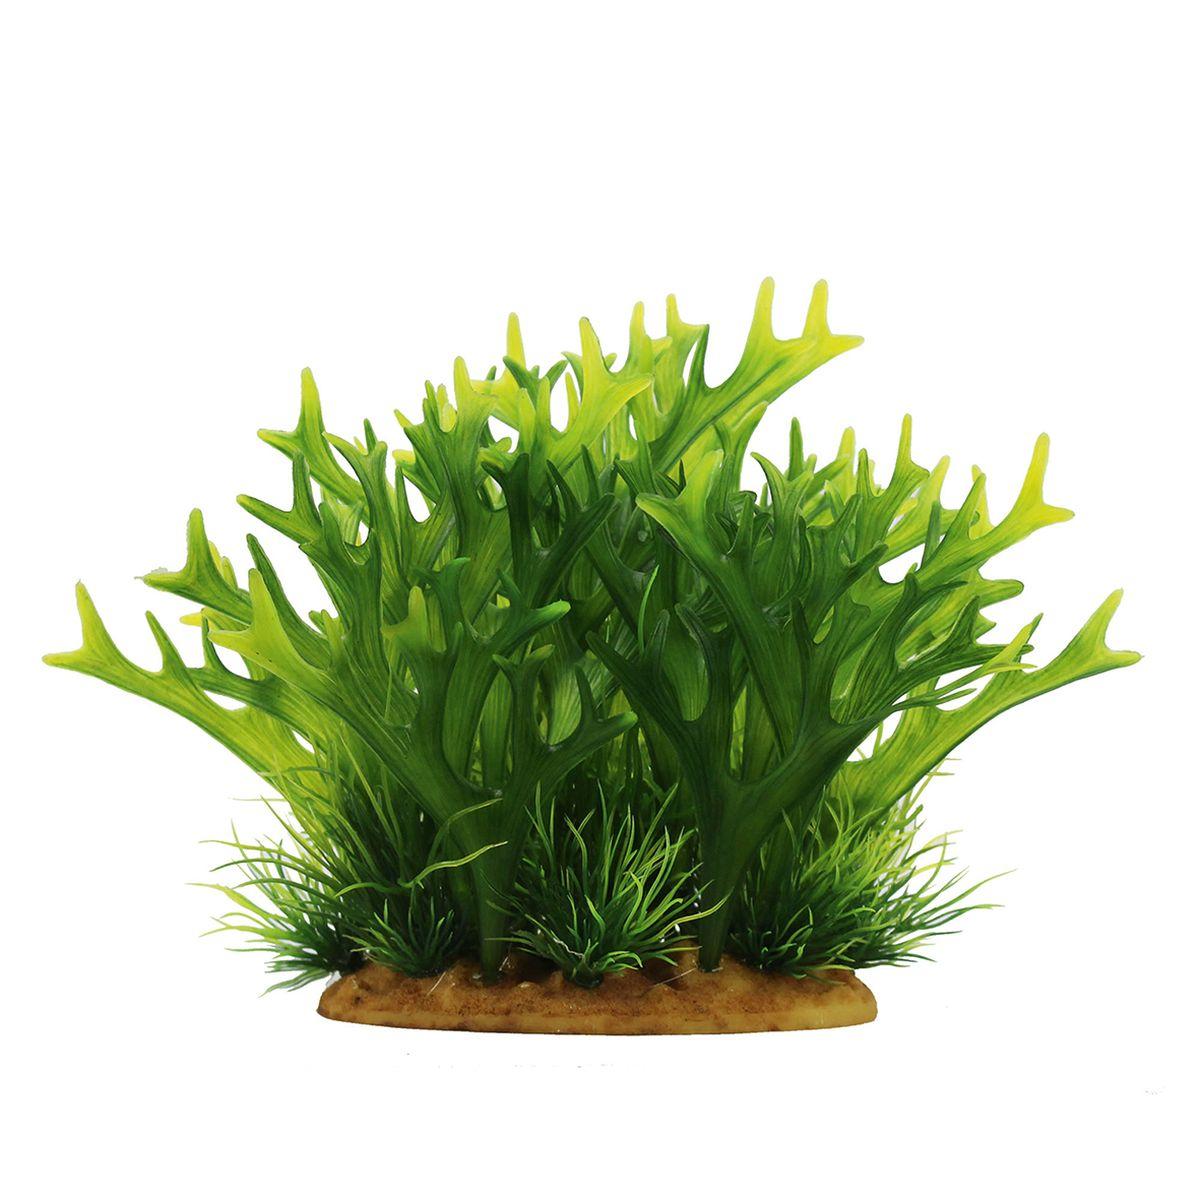 Растение для аквариума ArtUniq Платицериум, высота 15 см0120710Композиция из искусственных растений ArtUniq превосходно украсит и оживит аквариум.Растения - это важная часть любой композиции, они помогут вдохнуть жизнь в ландшафт любого аквариума или террариума. А их сходствос природными порадует даже самых взыскательных ценителей.